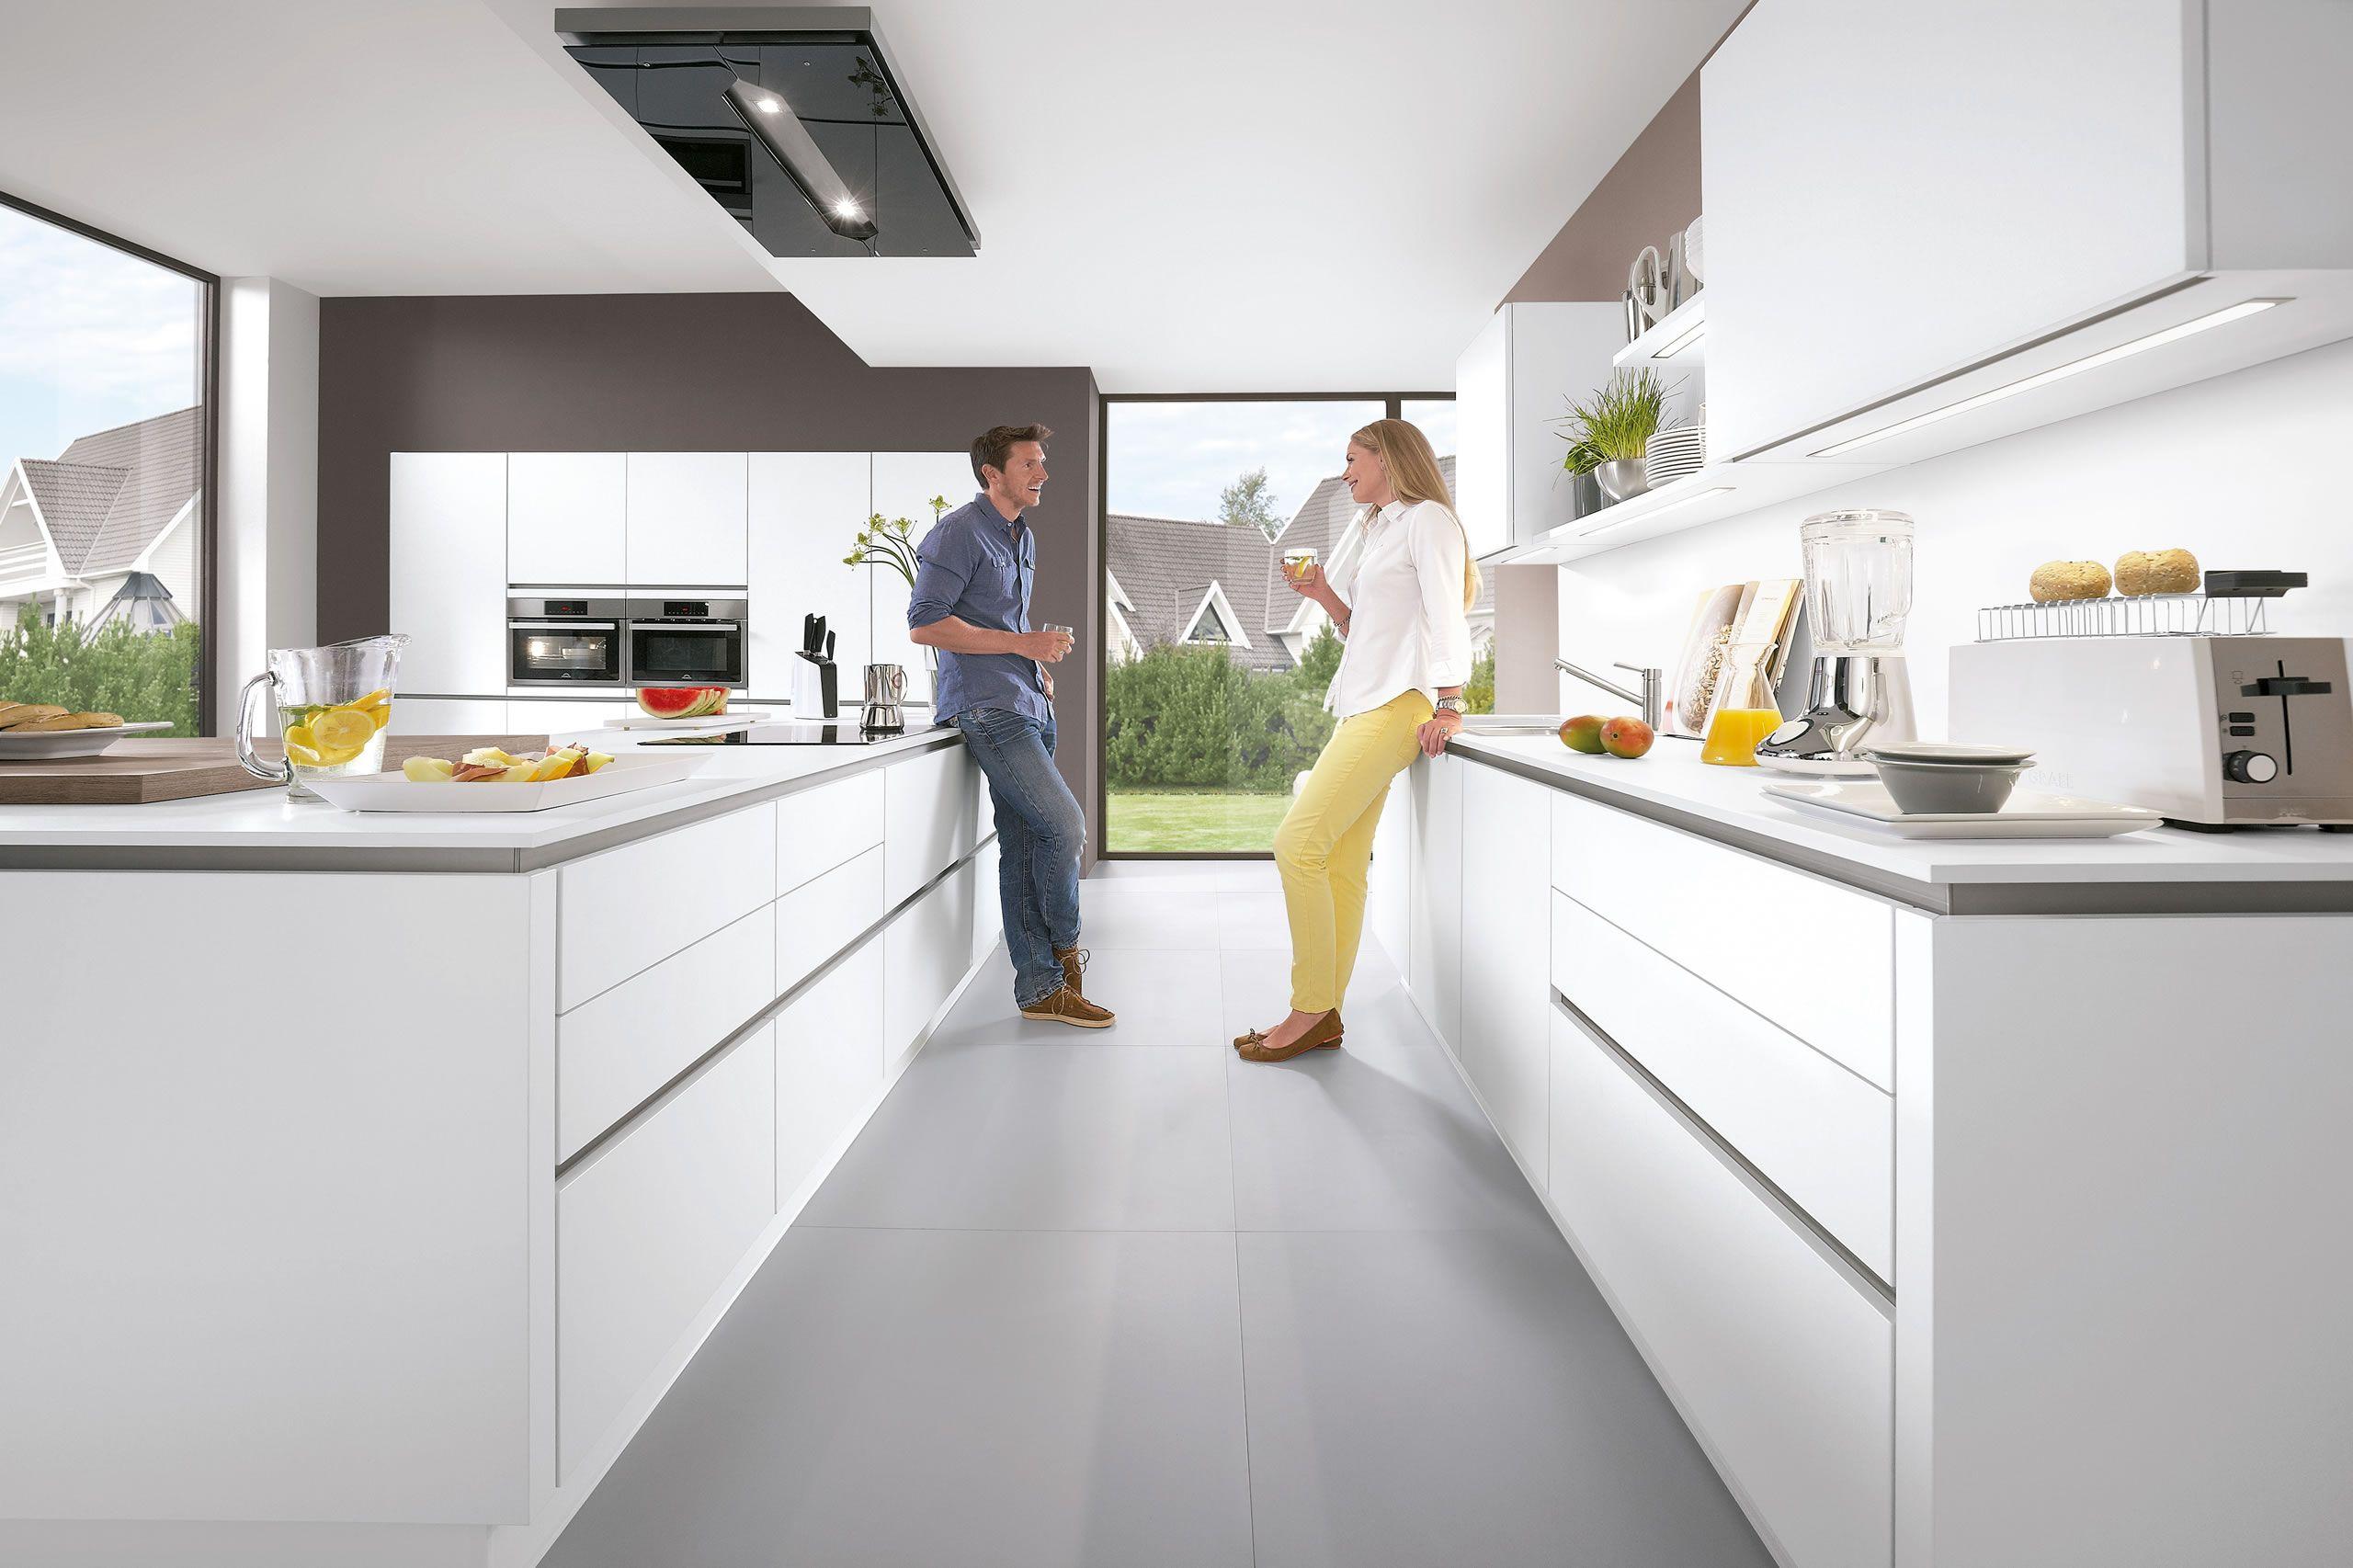 nobilia Küchen - nobilia | Produkte | Matt | Küche | Pinterest ...